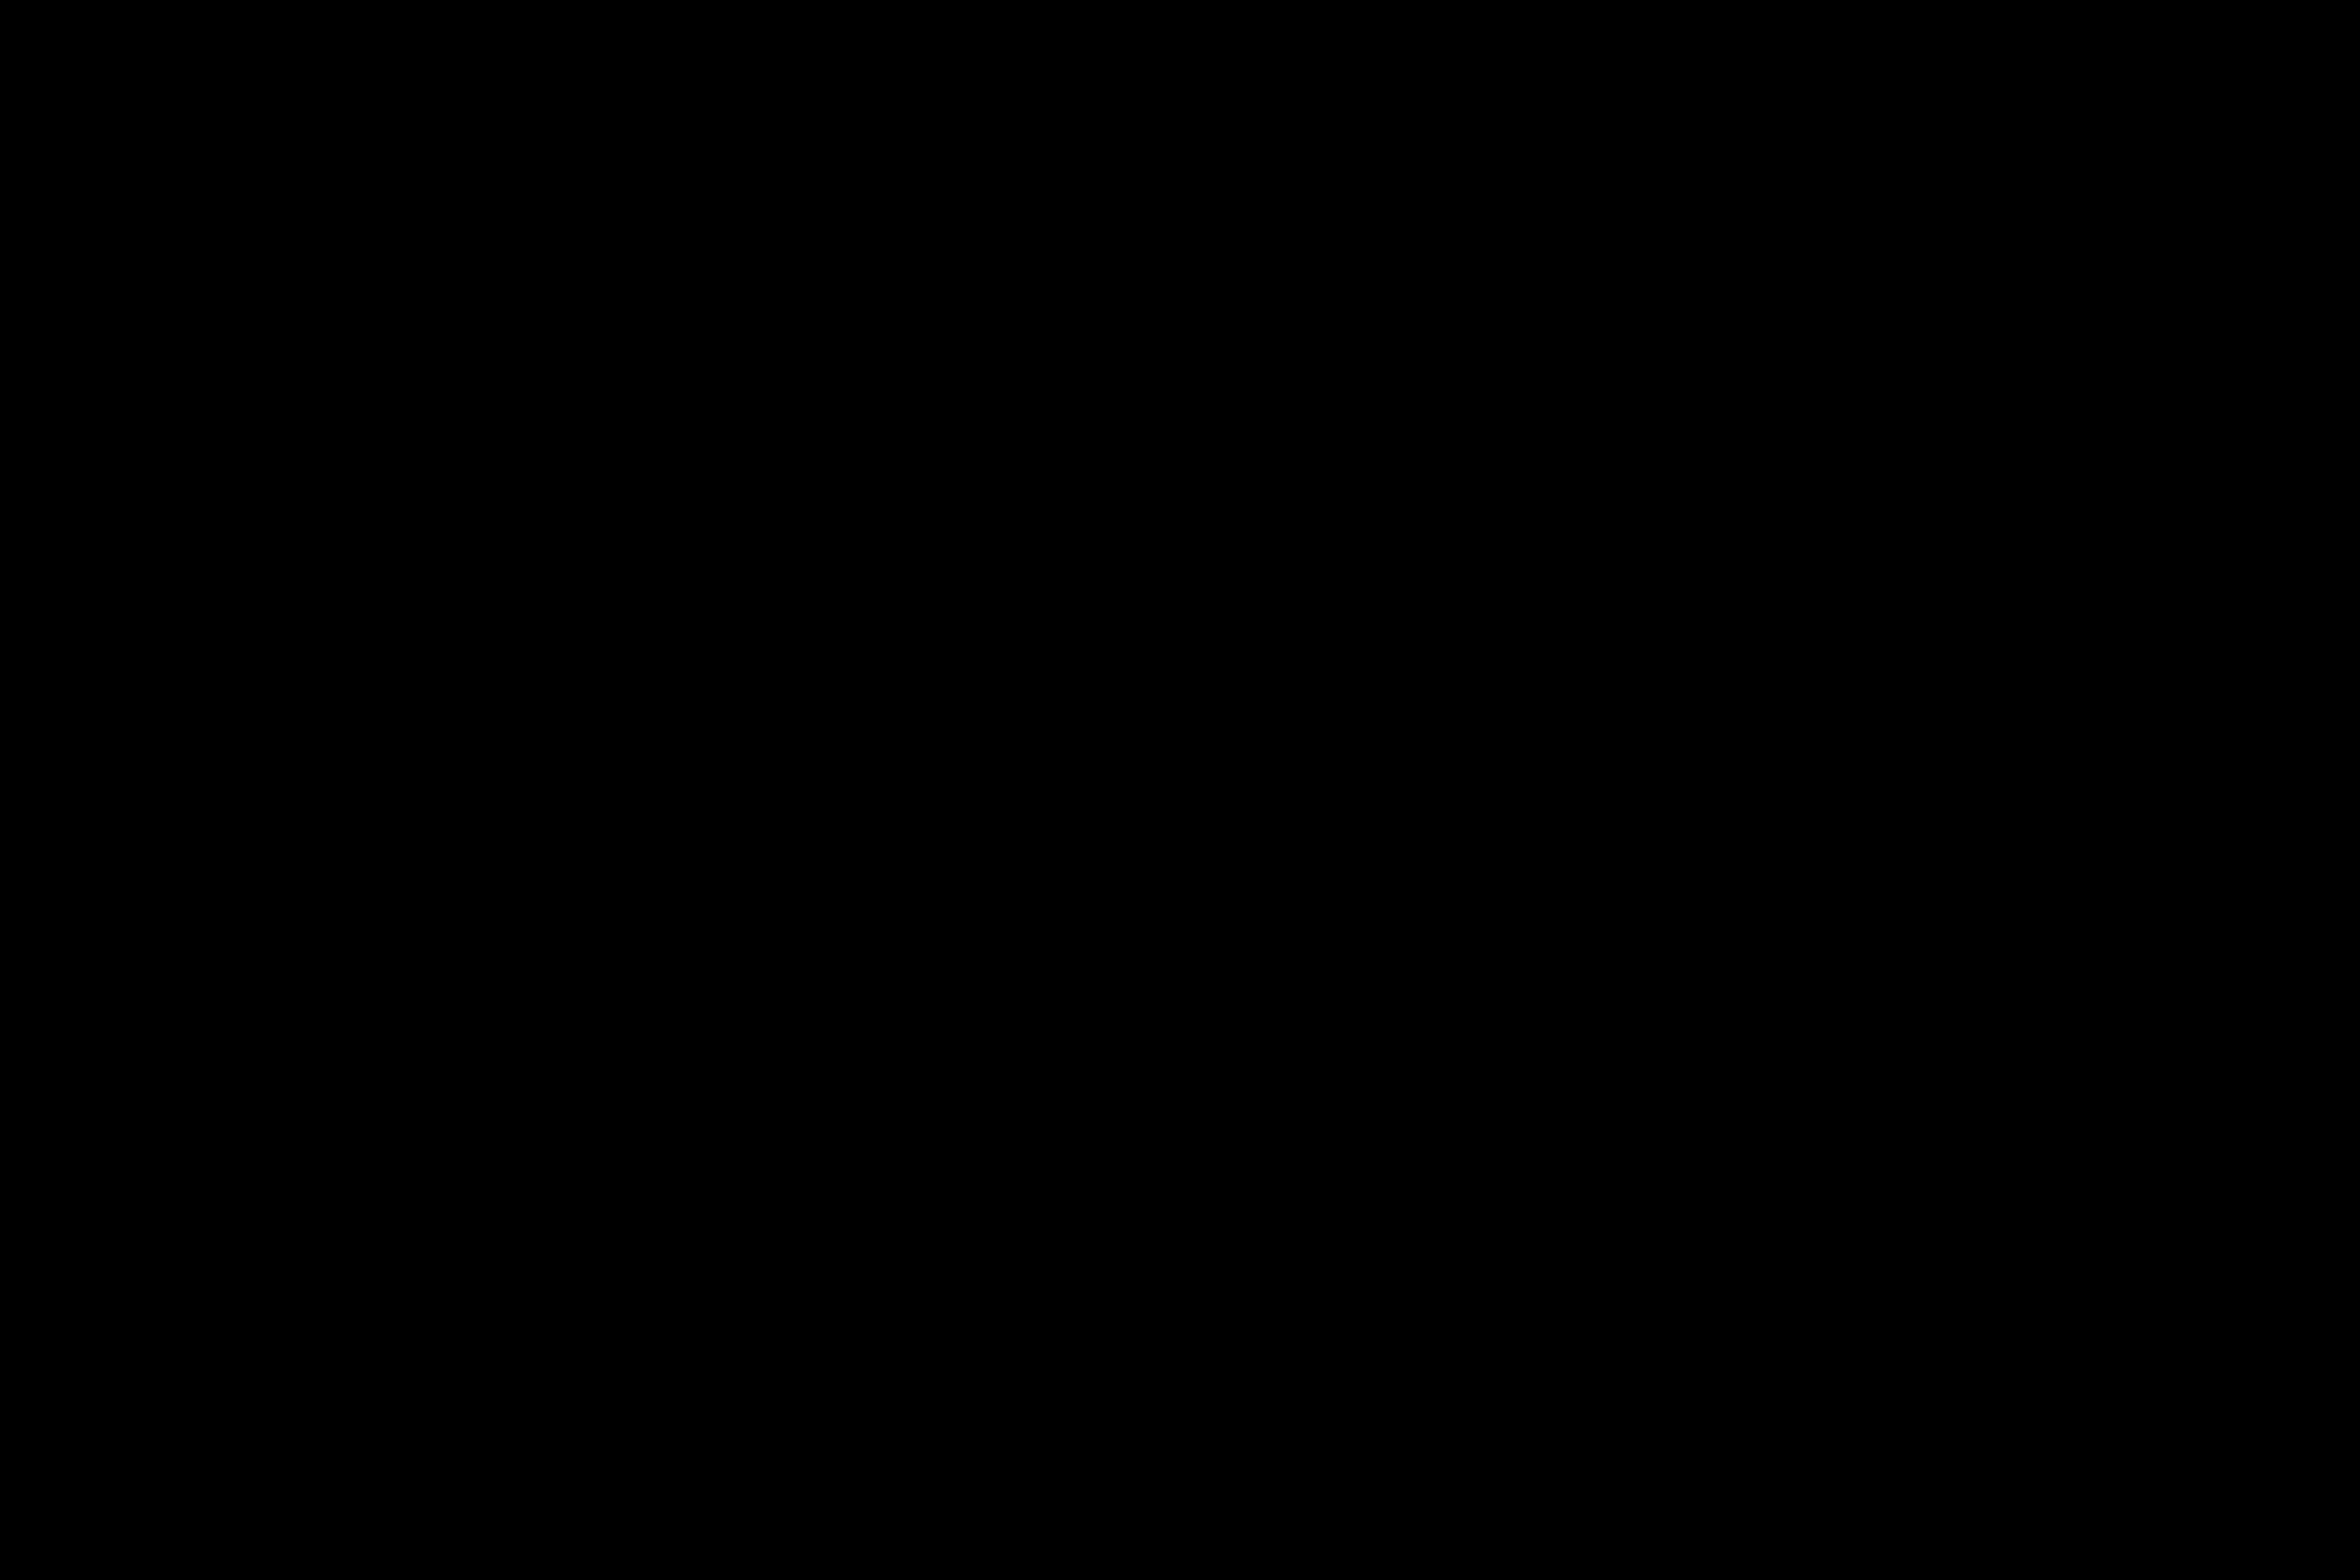 50,000 Sqft, Tier III Data Center, 15,000 sqft of raised floor